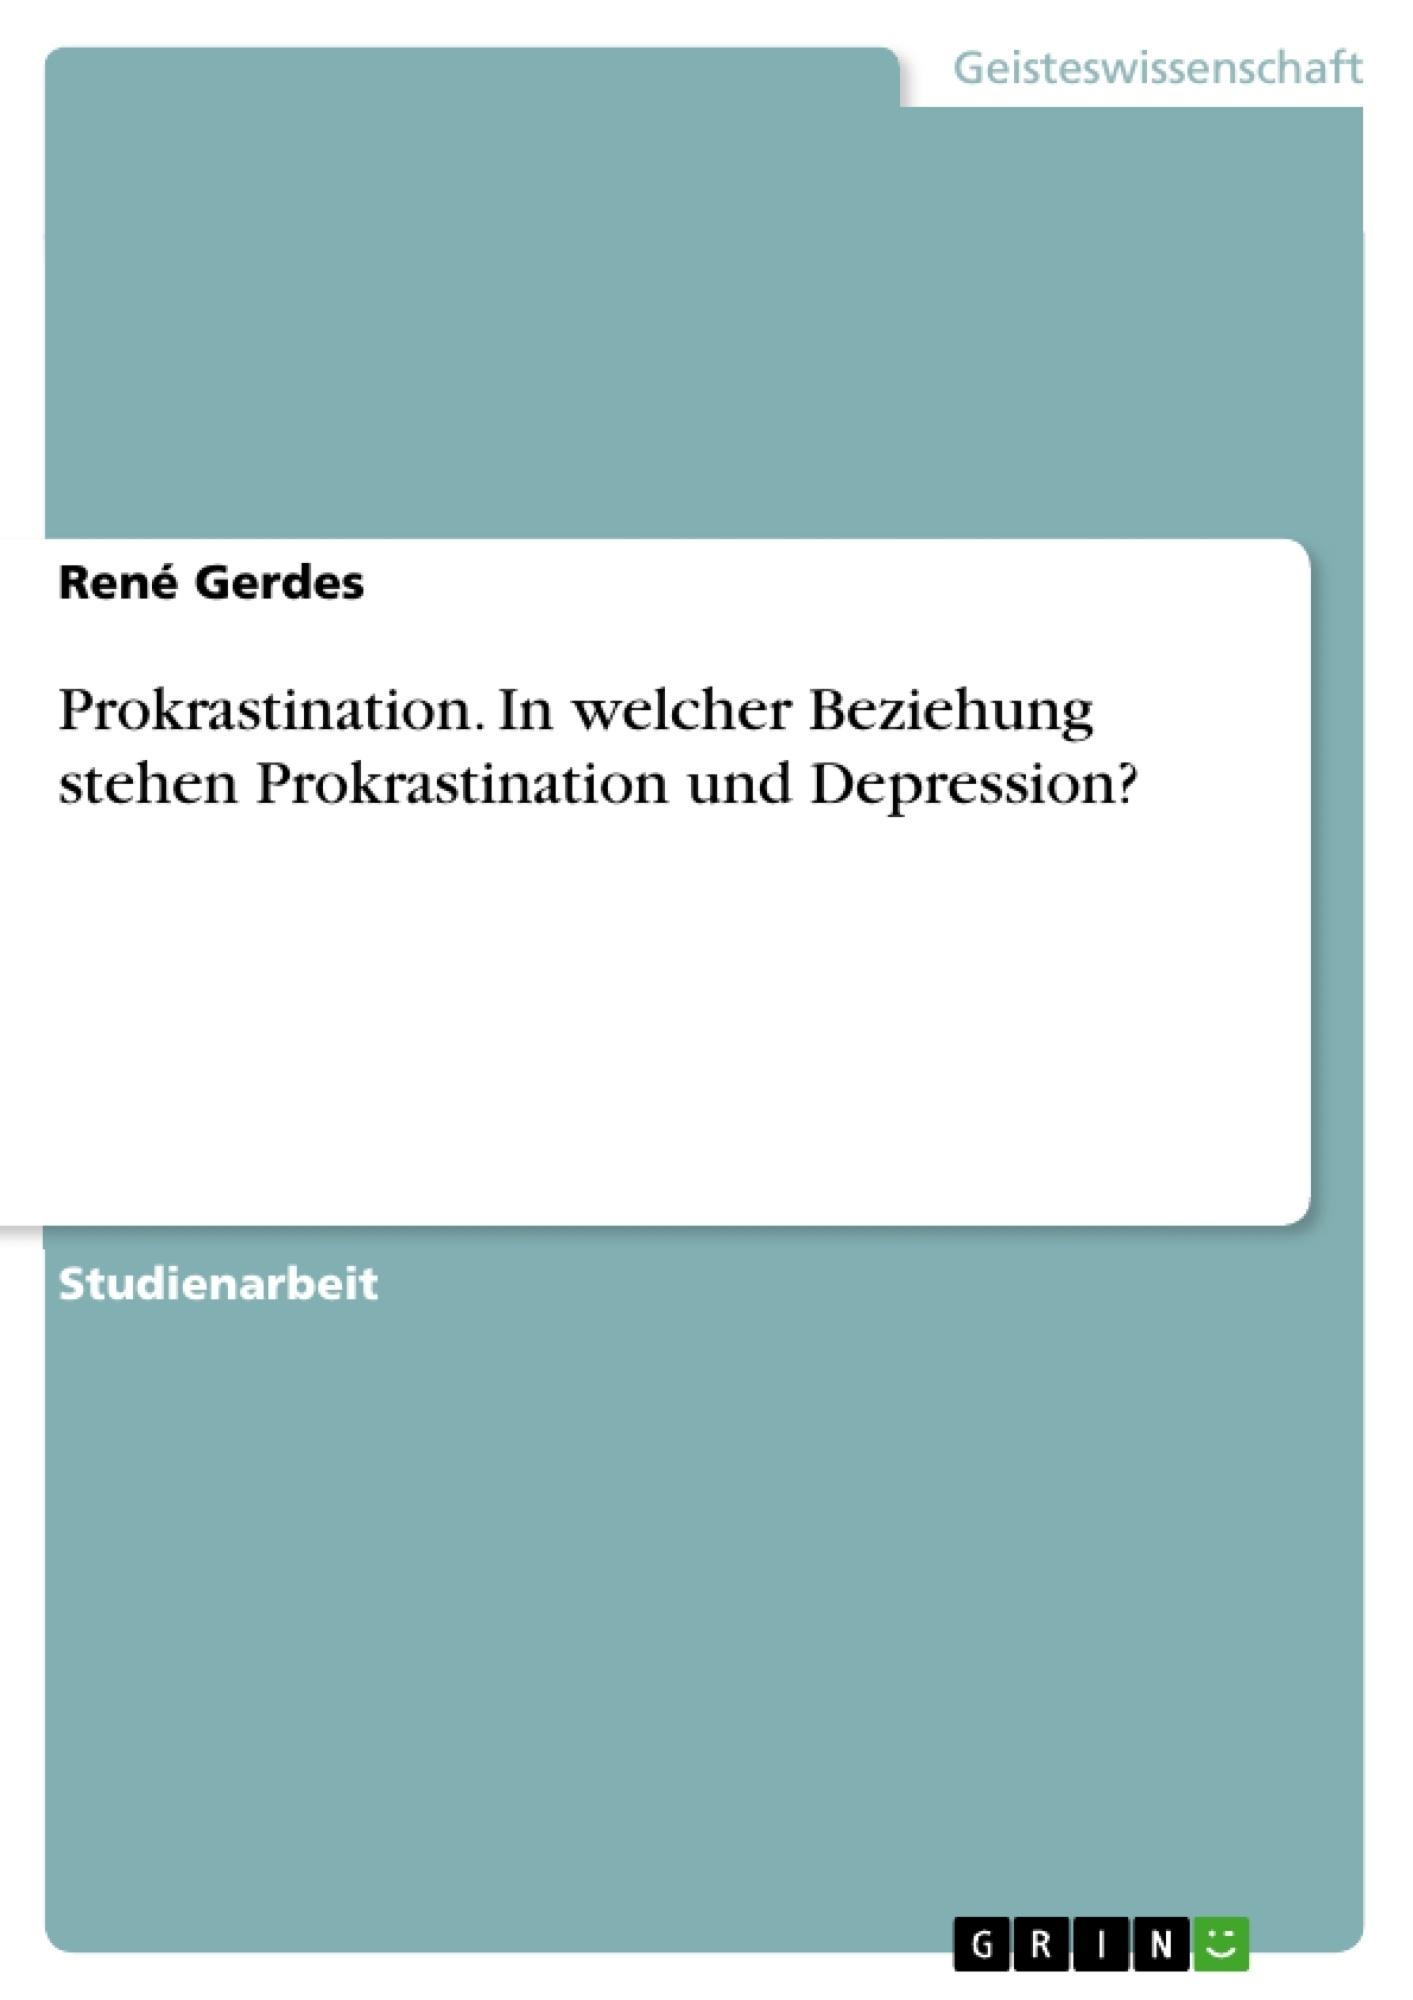 Titel: Prokrastination. In welcher Beziehung stehen Prokrastination und Depression?